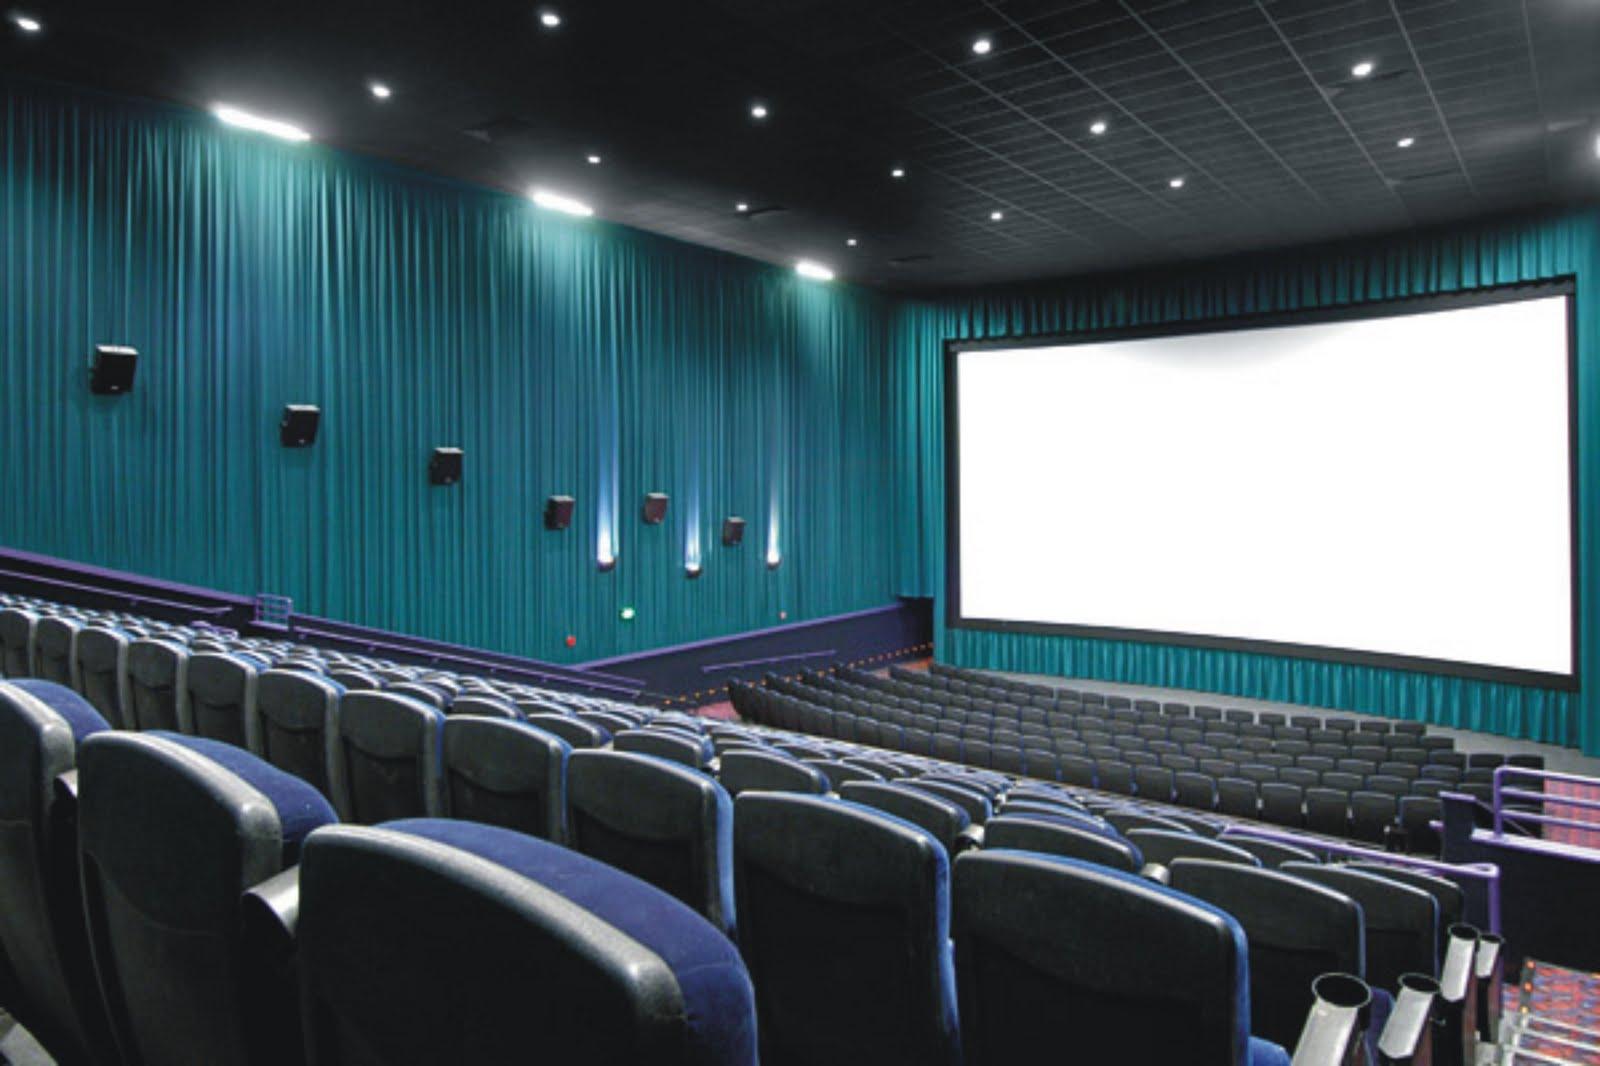 Sentido se amea ados pelo futebol cinemas fazem promo de - Home theater sound system design ...